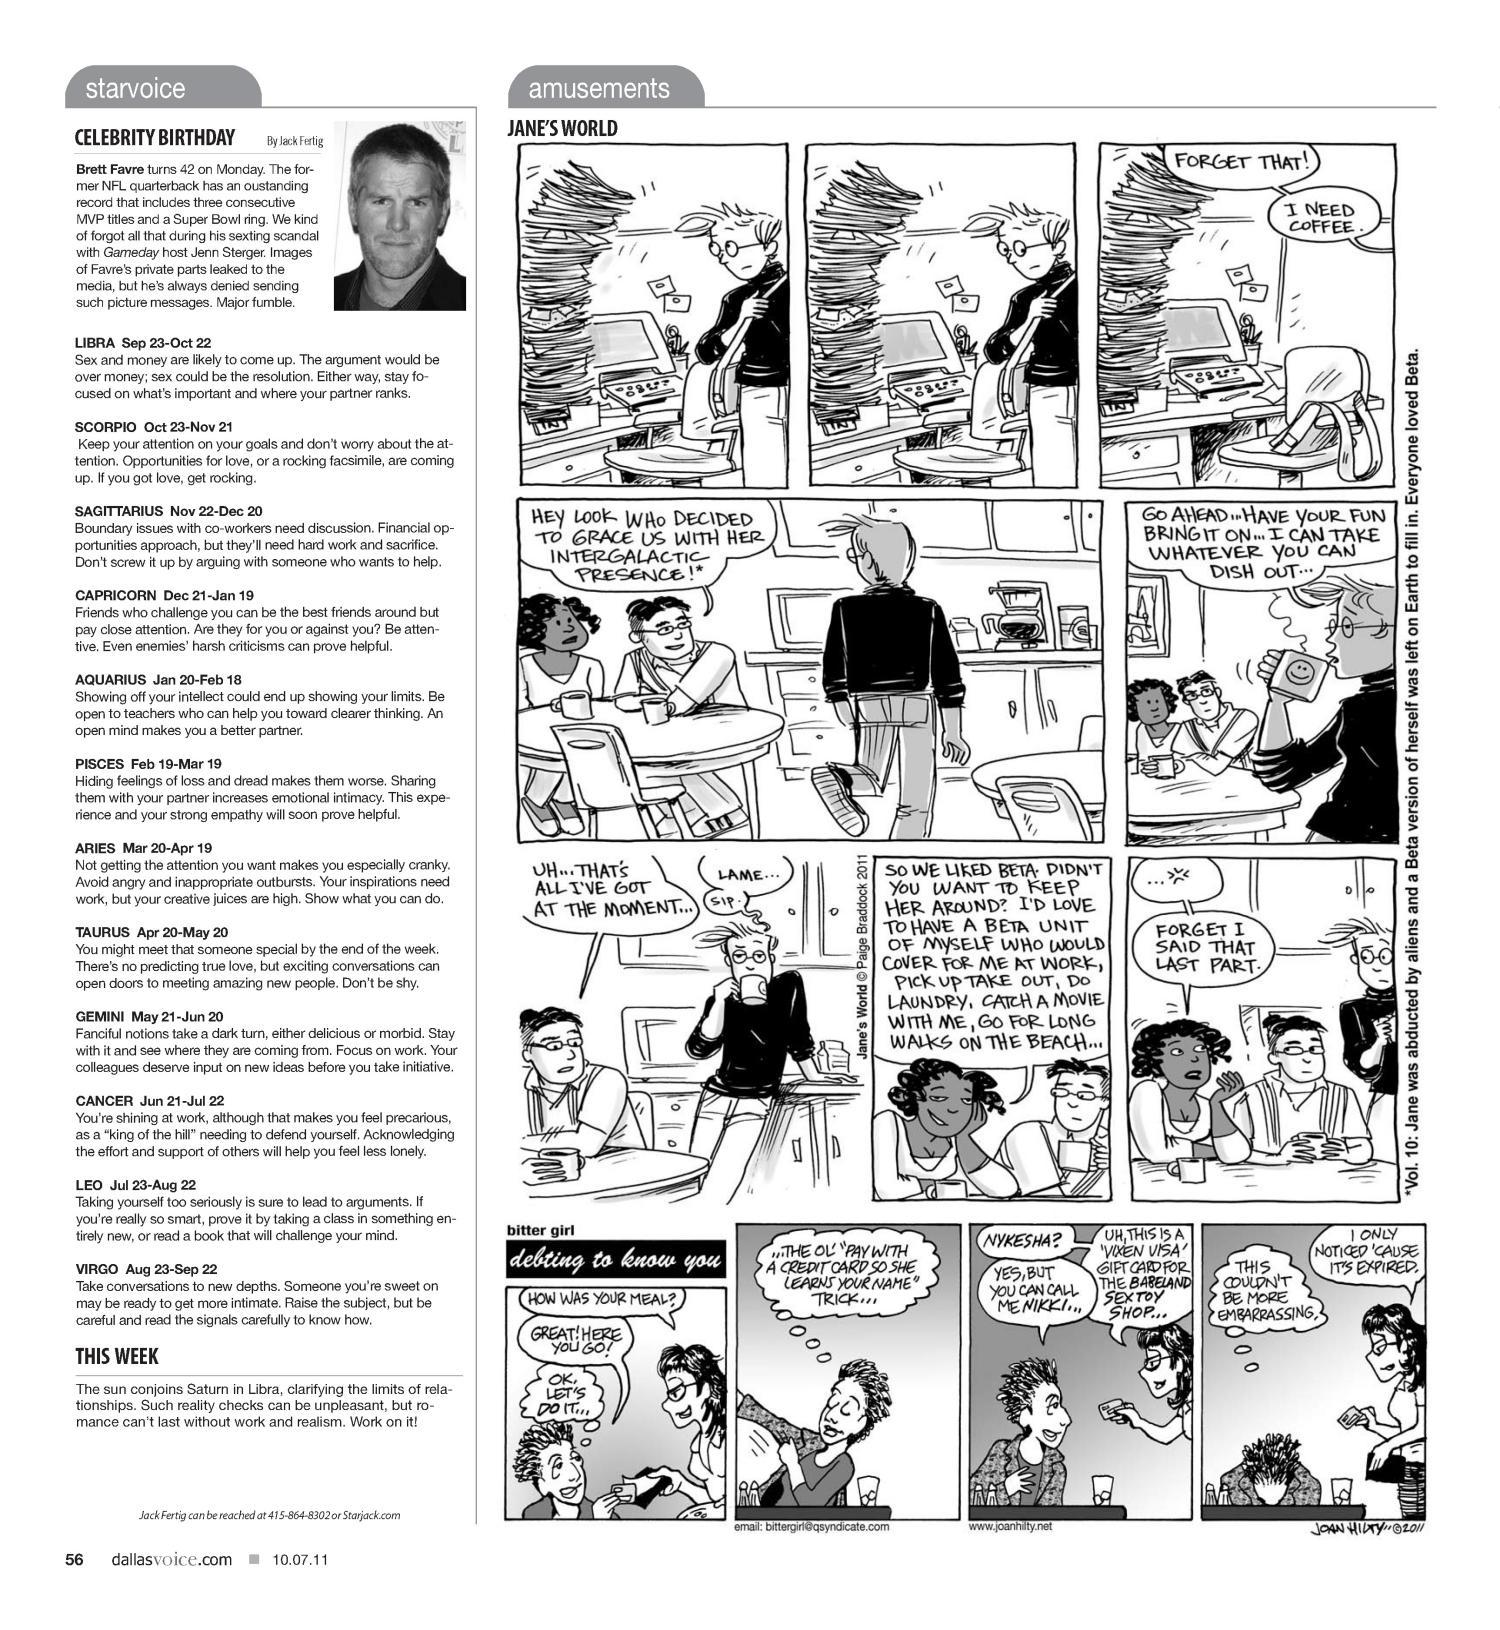 Dallas Voice (Dallas, Tex ), Vol  28, No  21, Ed  1 Friday